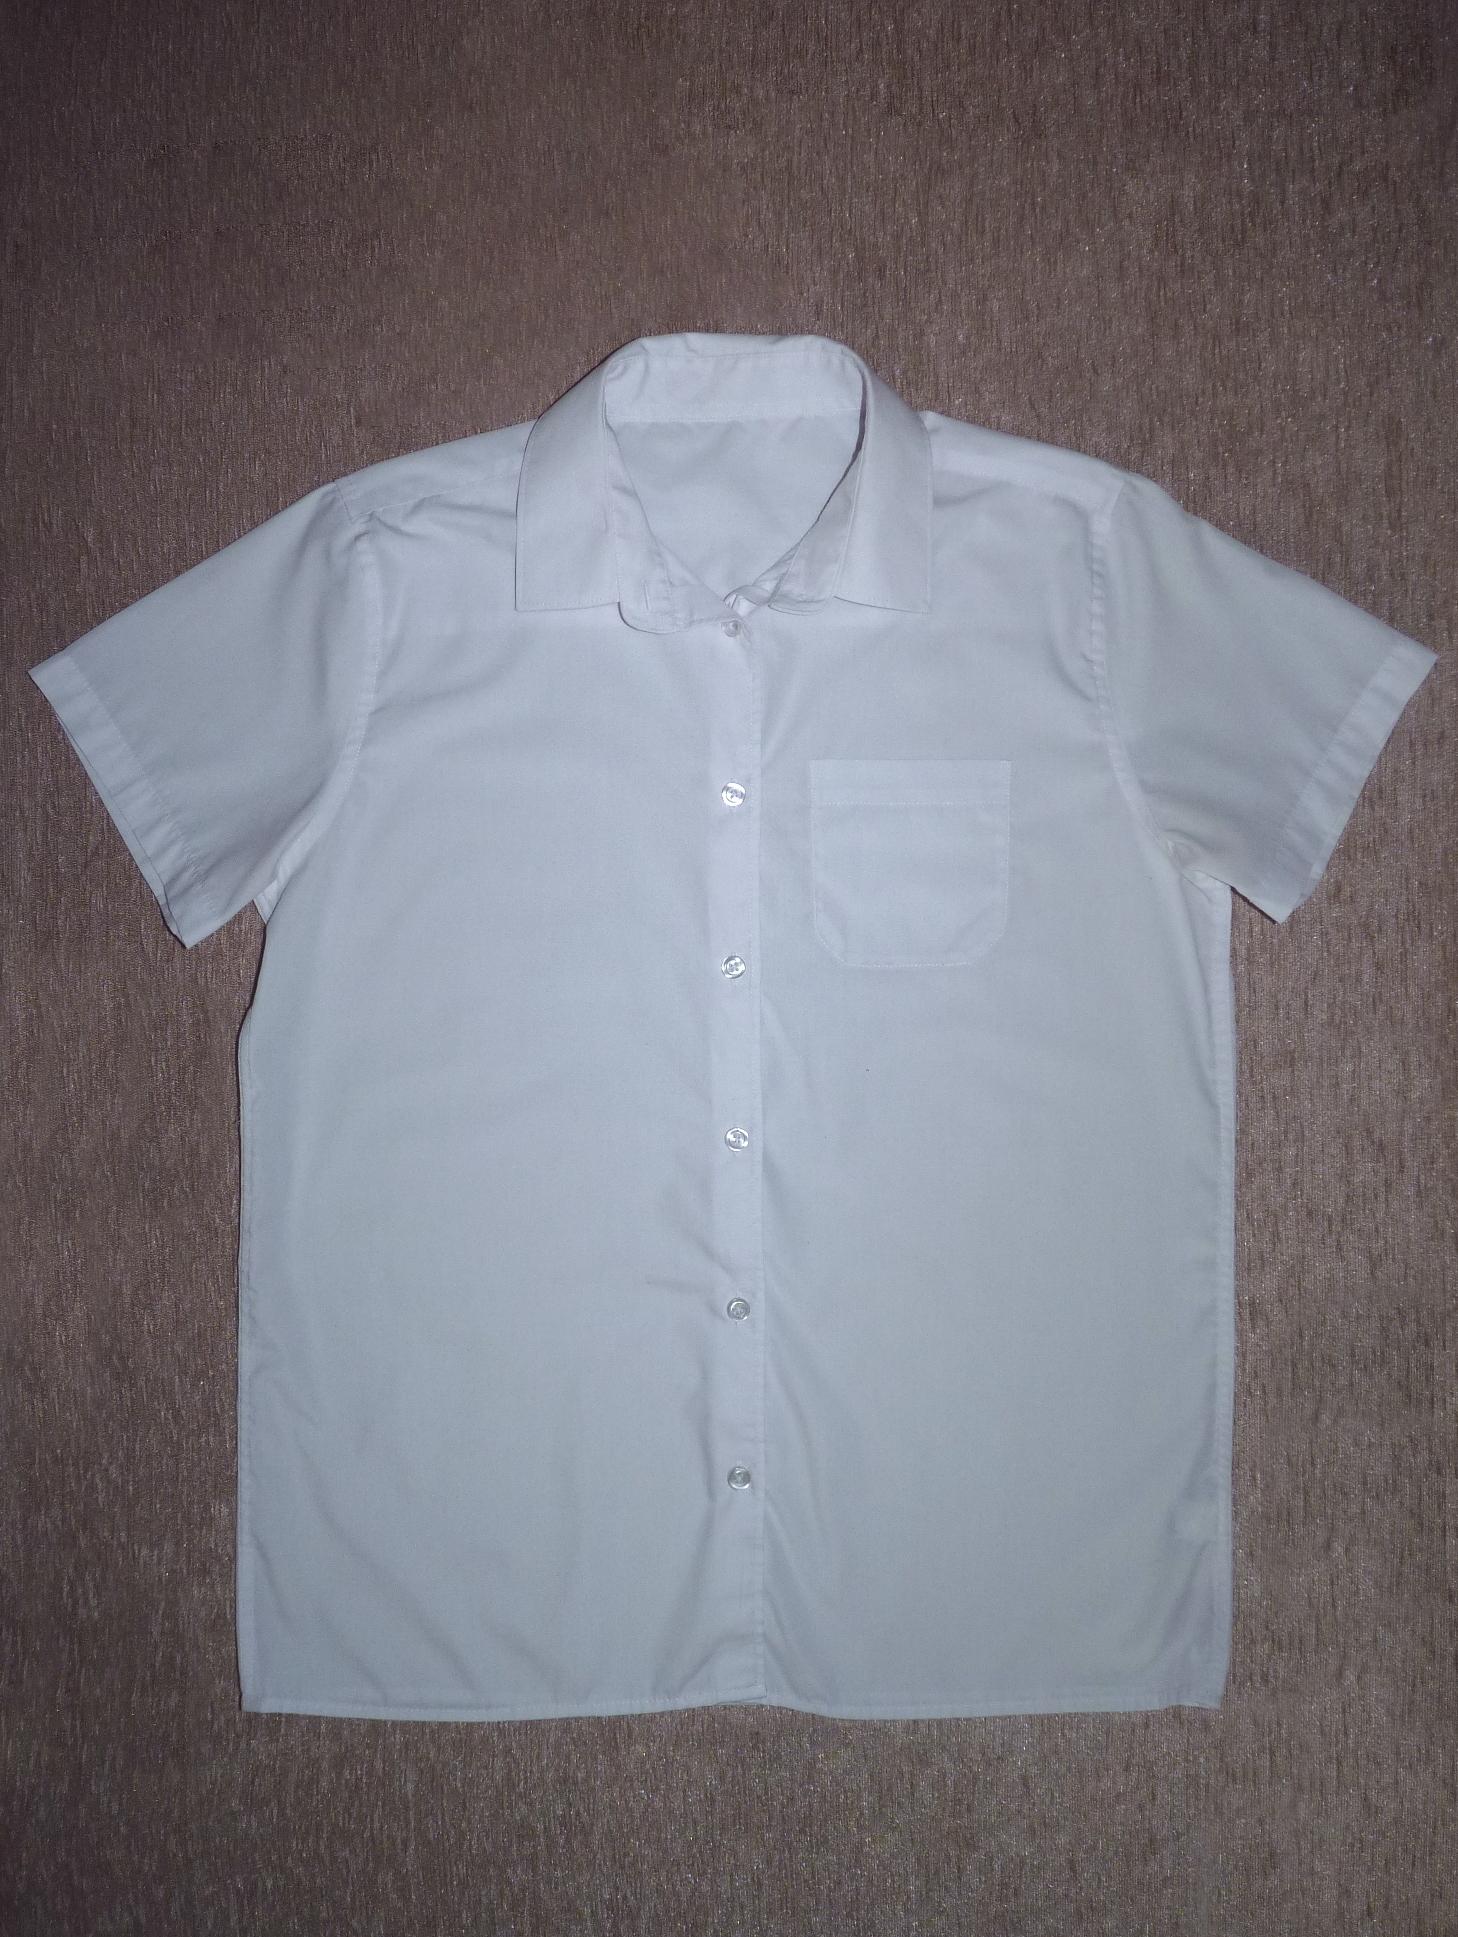 ee98eba5d1 164/170-es fehér rövid ujjú ing - Pólók, felsők, ingek - Lurkoshop  gyerekruha webshop